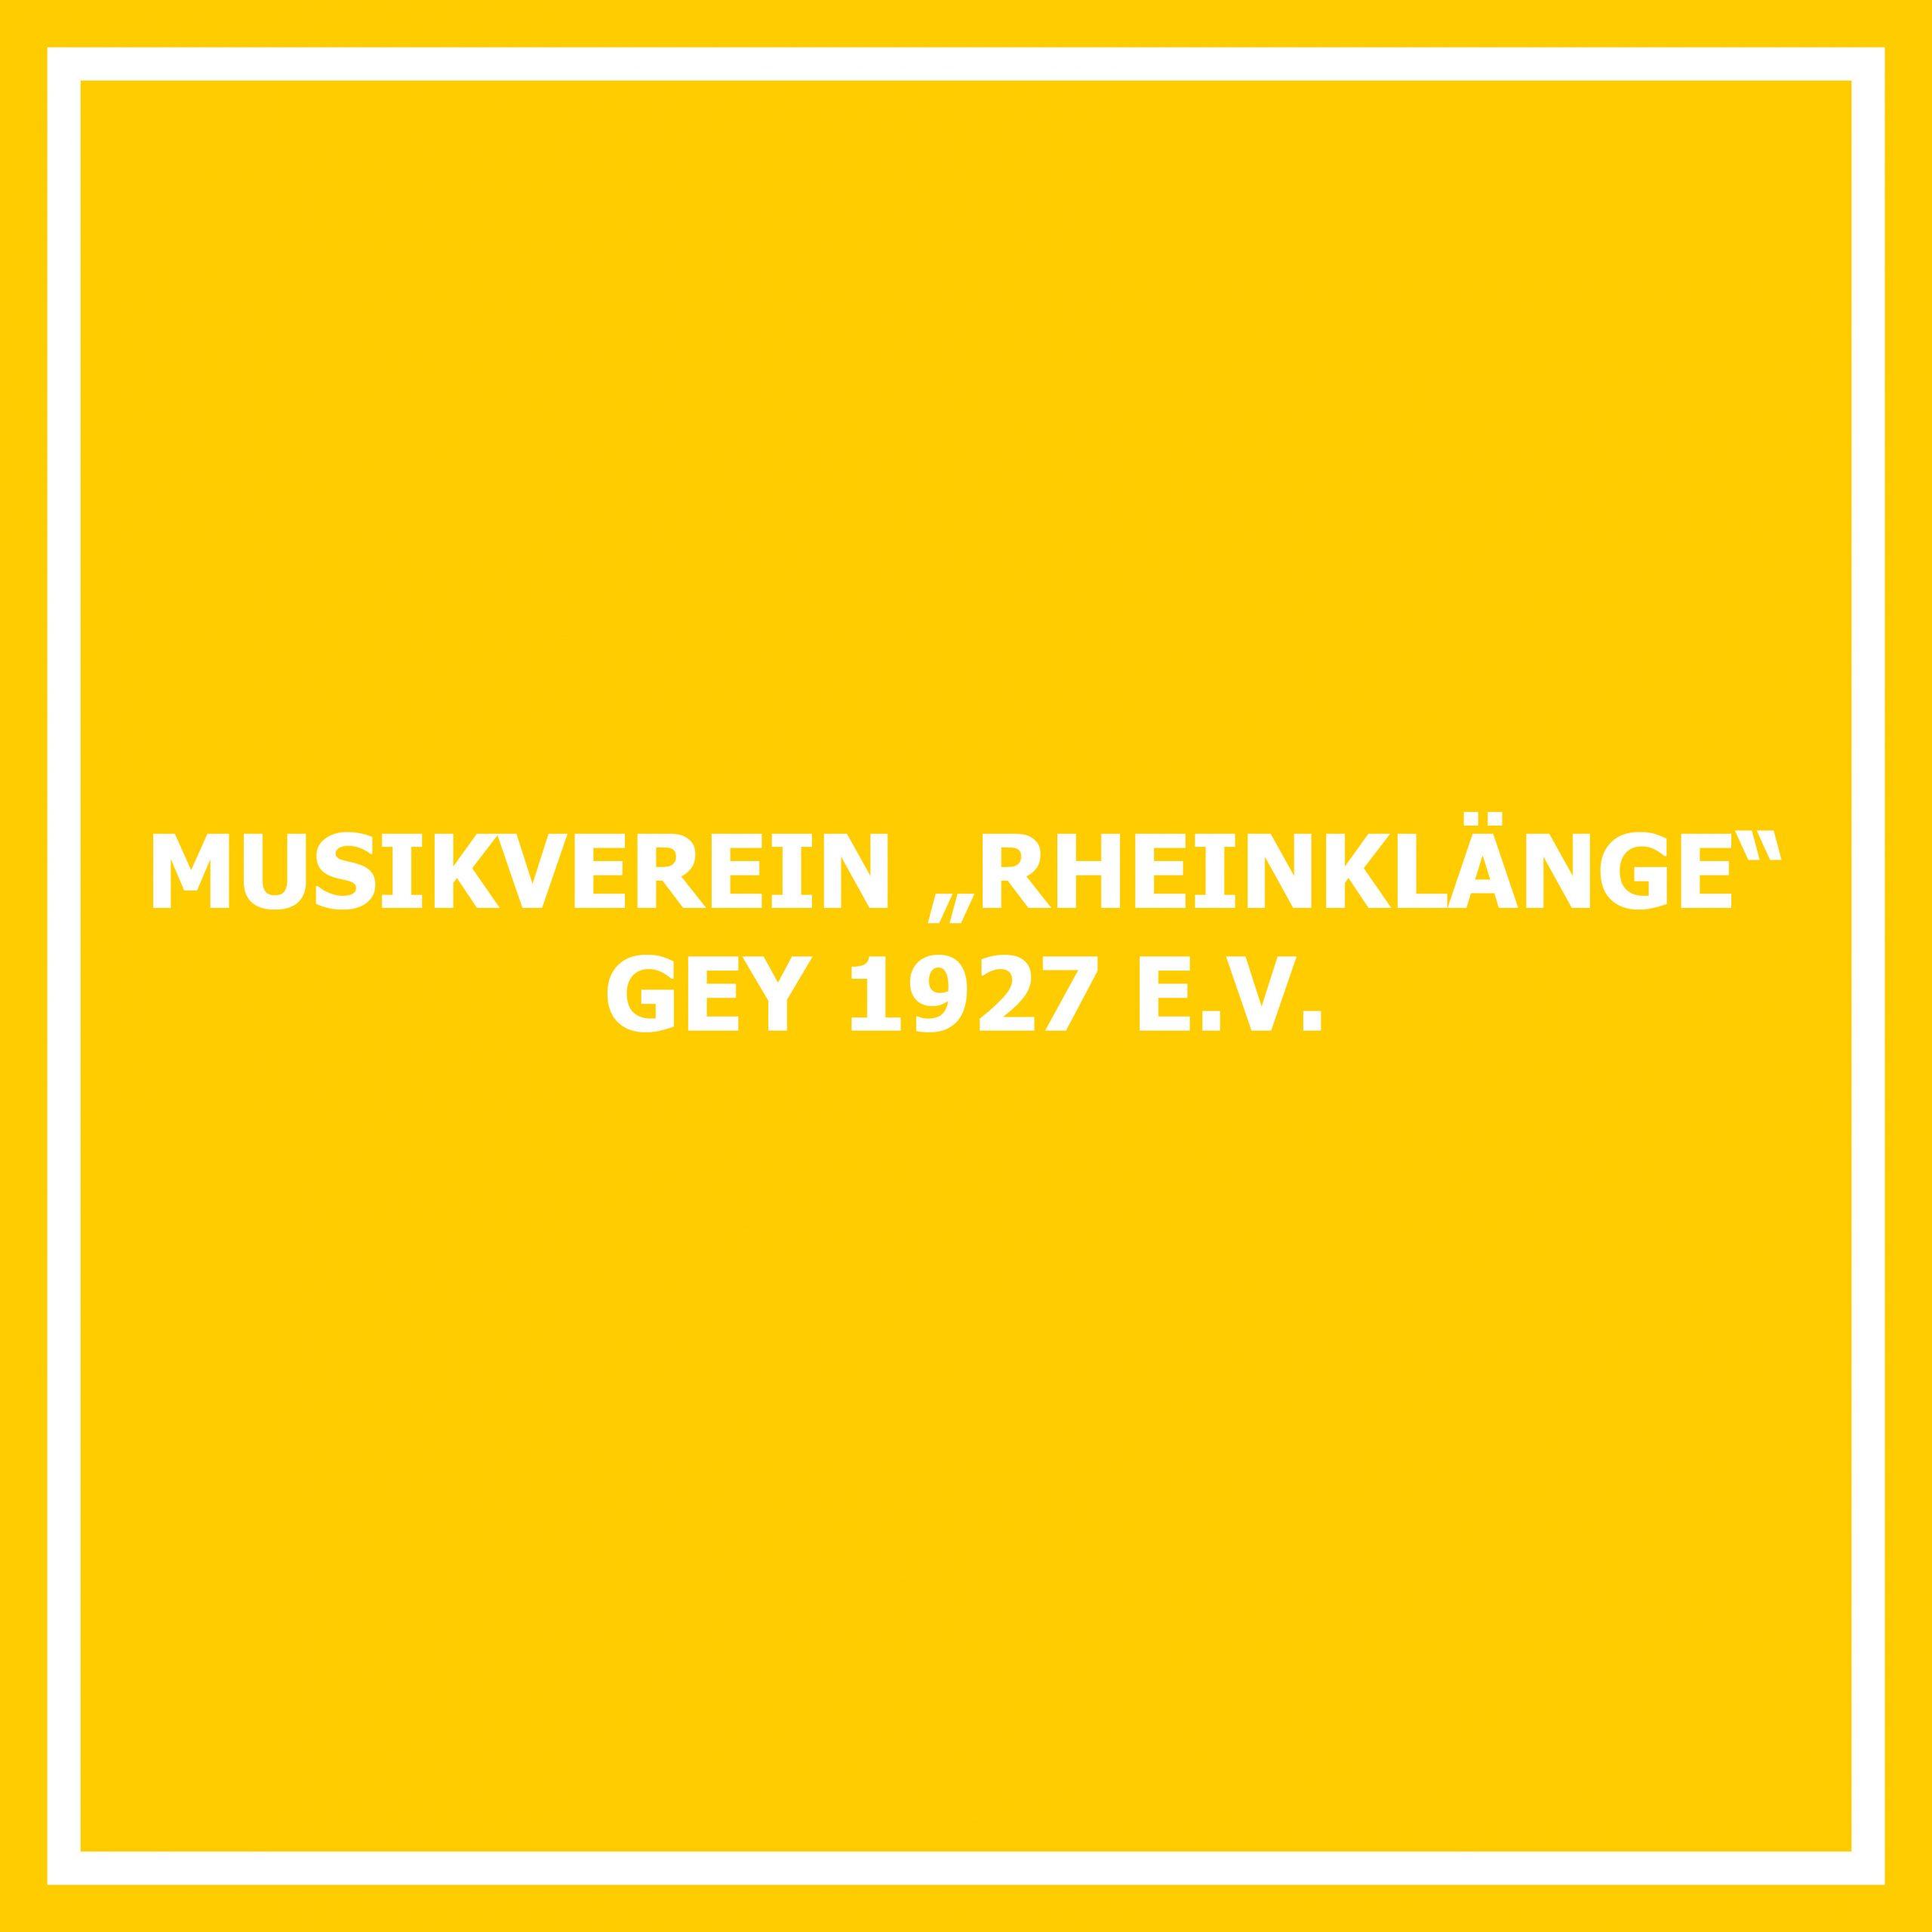 Musikverein Rheinklänge Gey 1927 e. V.